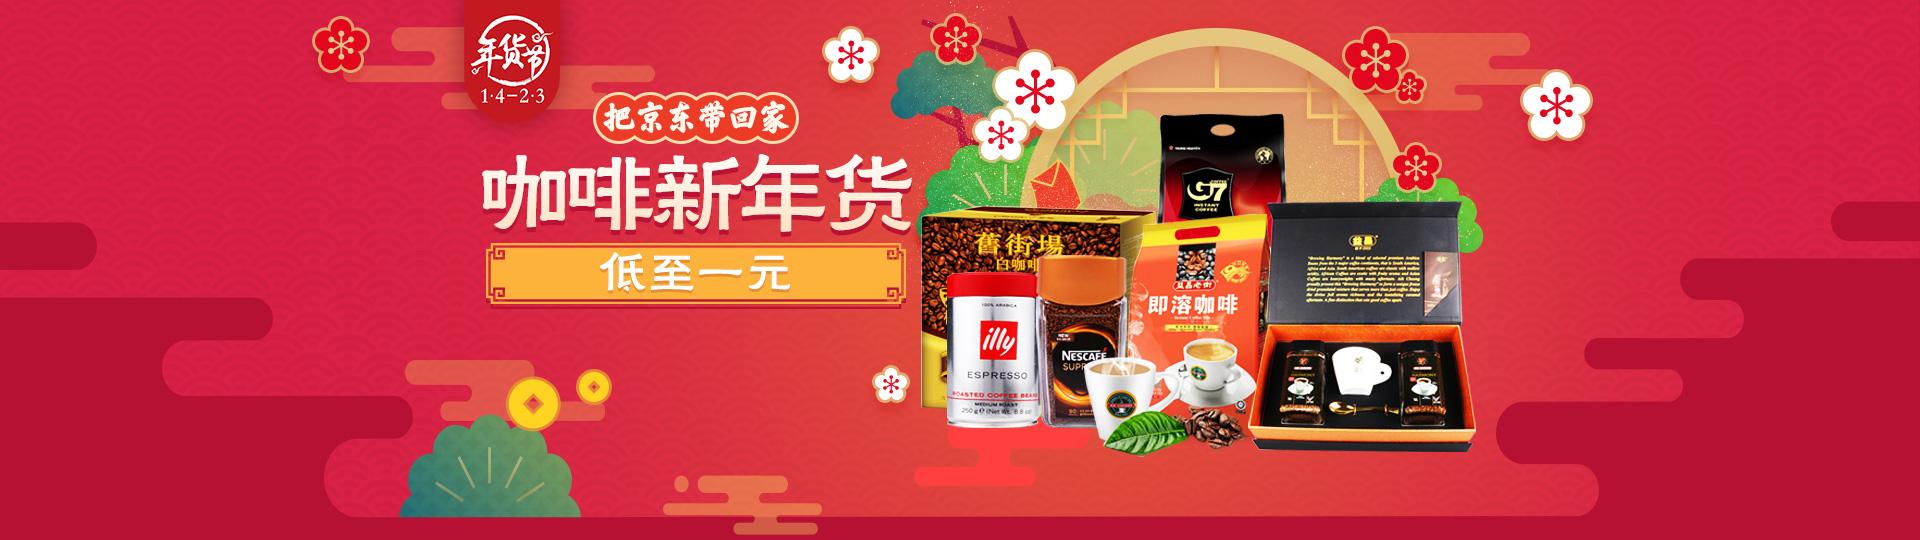 京东进口咖啡 满199减100叠加99减50优惠券